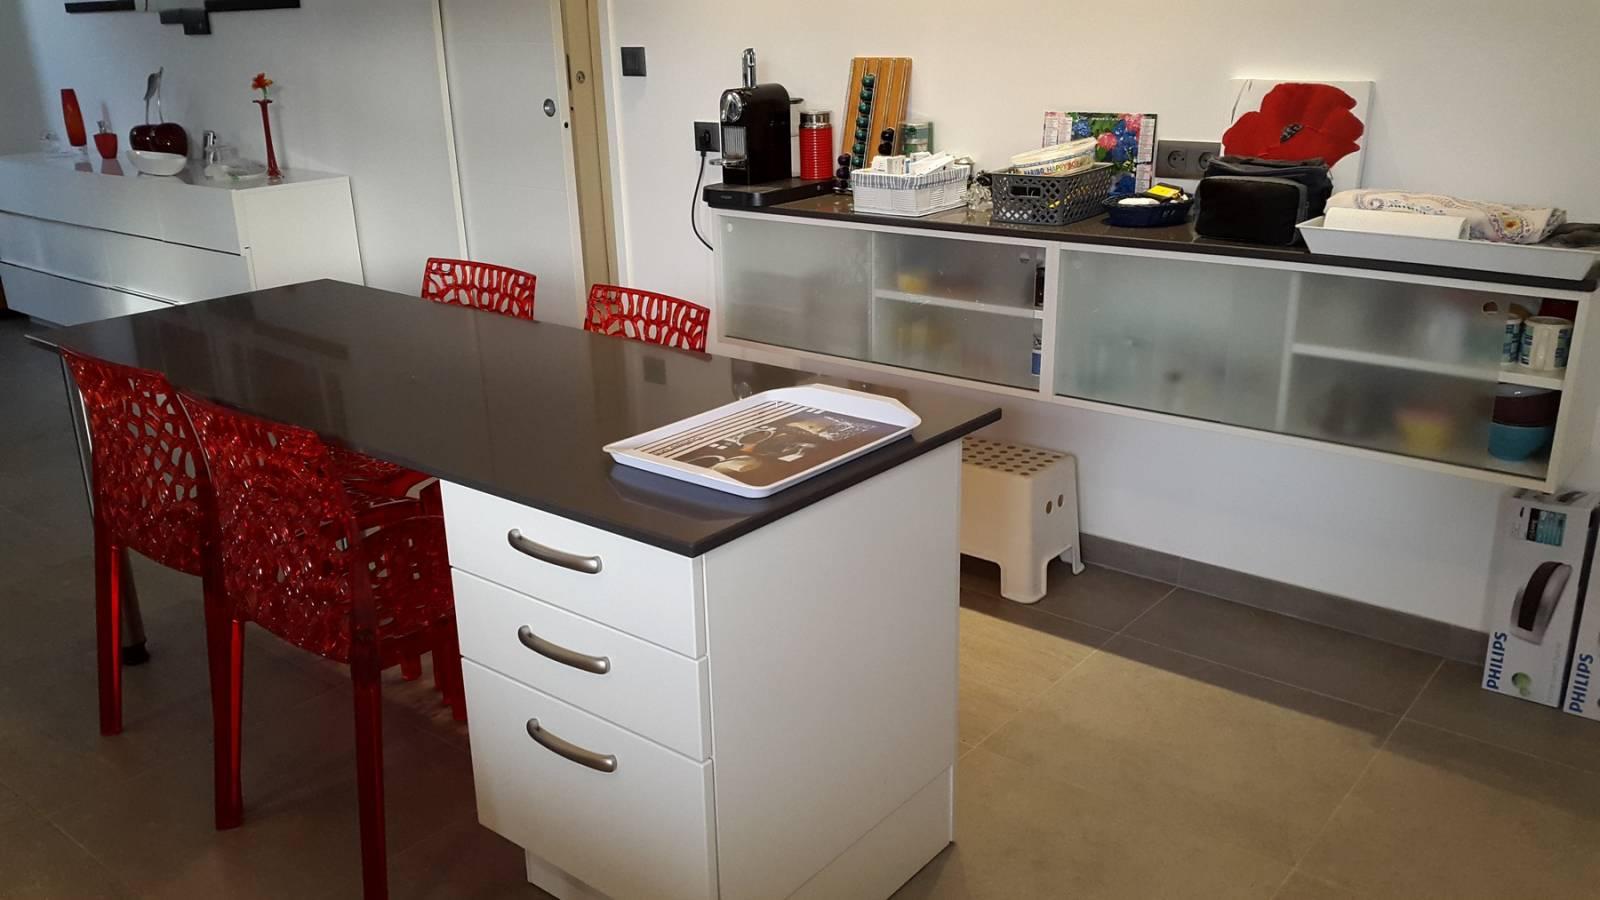 cuisine allemande meuble cuisine allemande cuisine. Black Bedroom Furniture Sets. Home Design Ideas